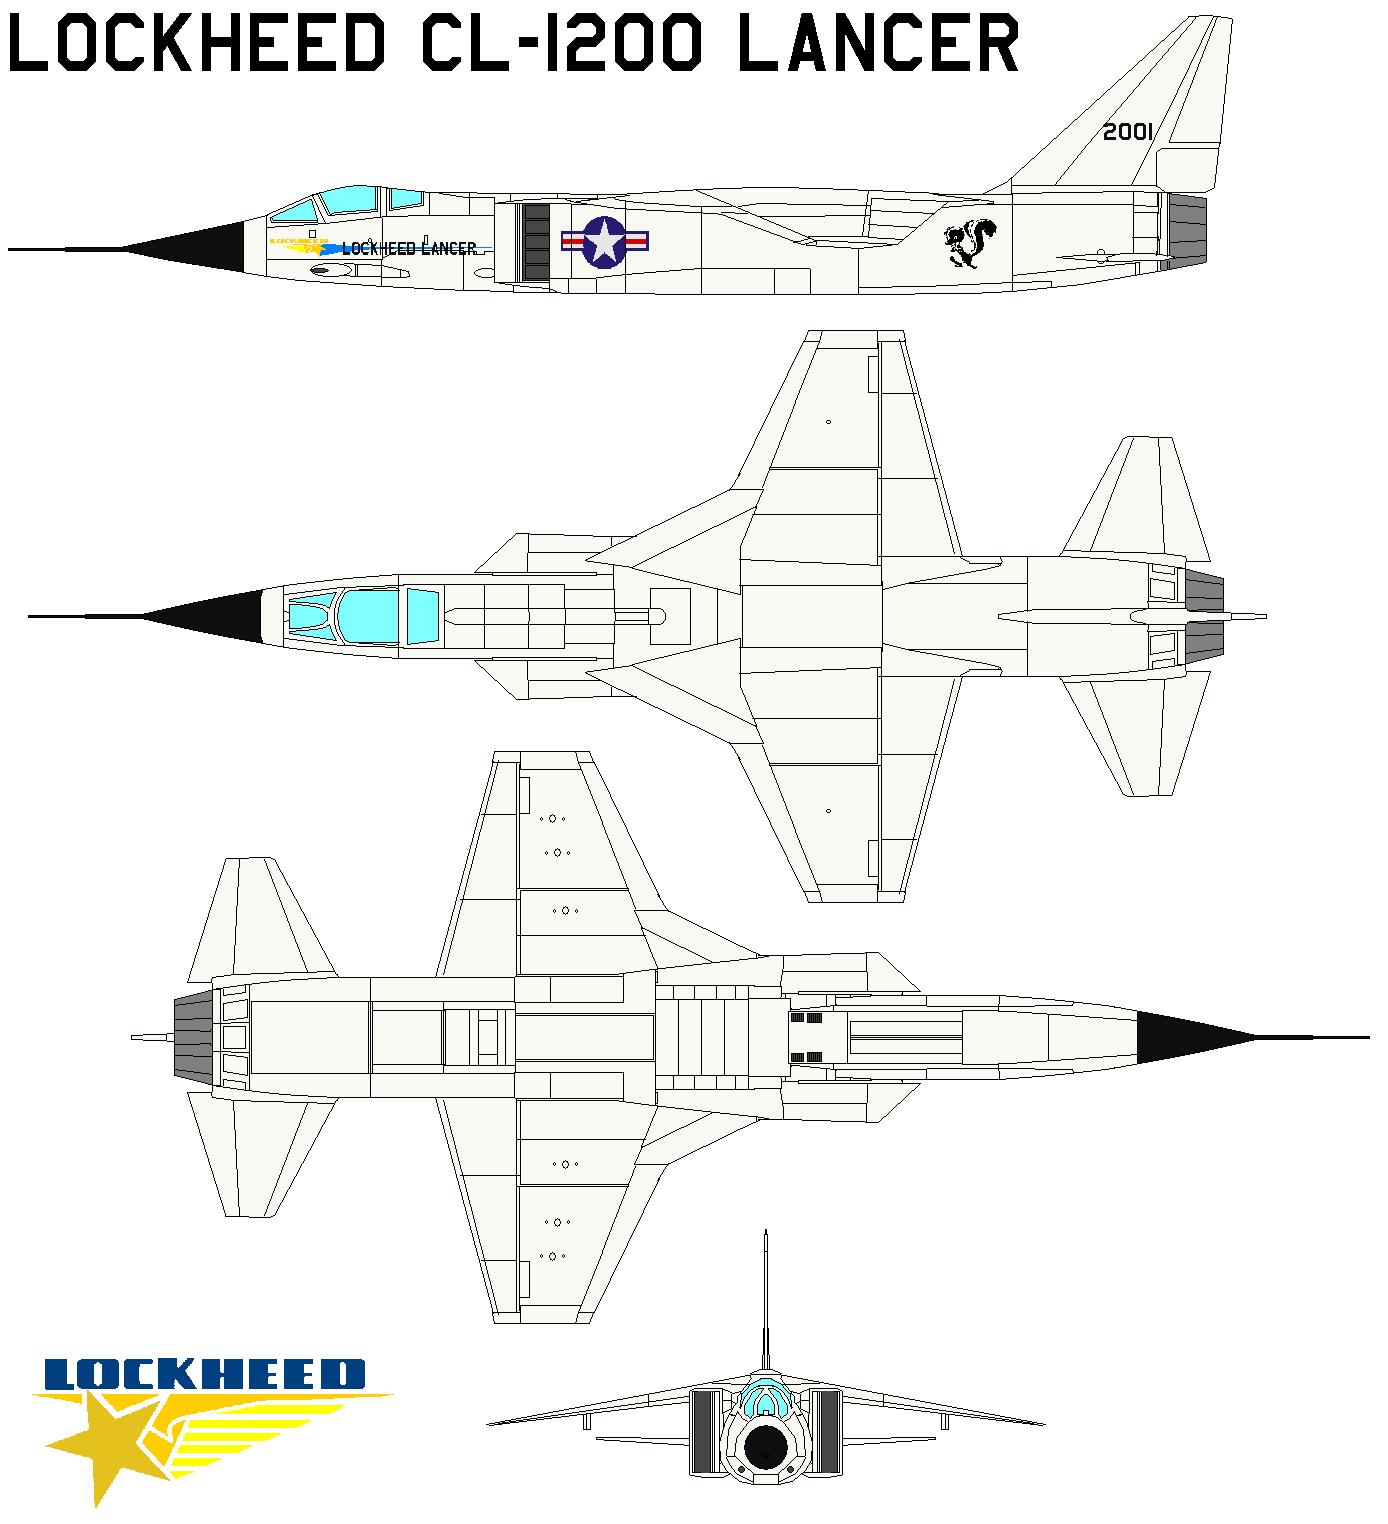 Lockheed X-27